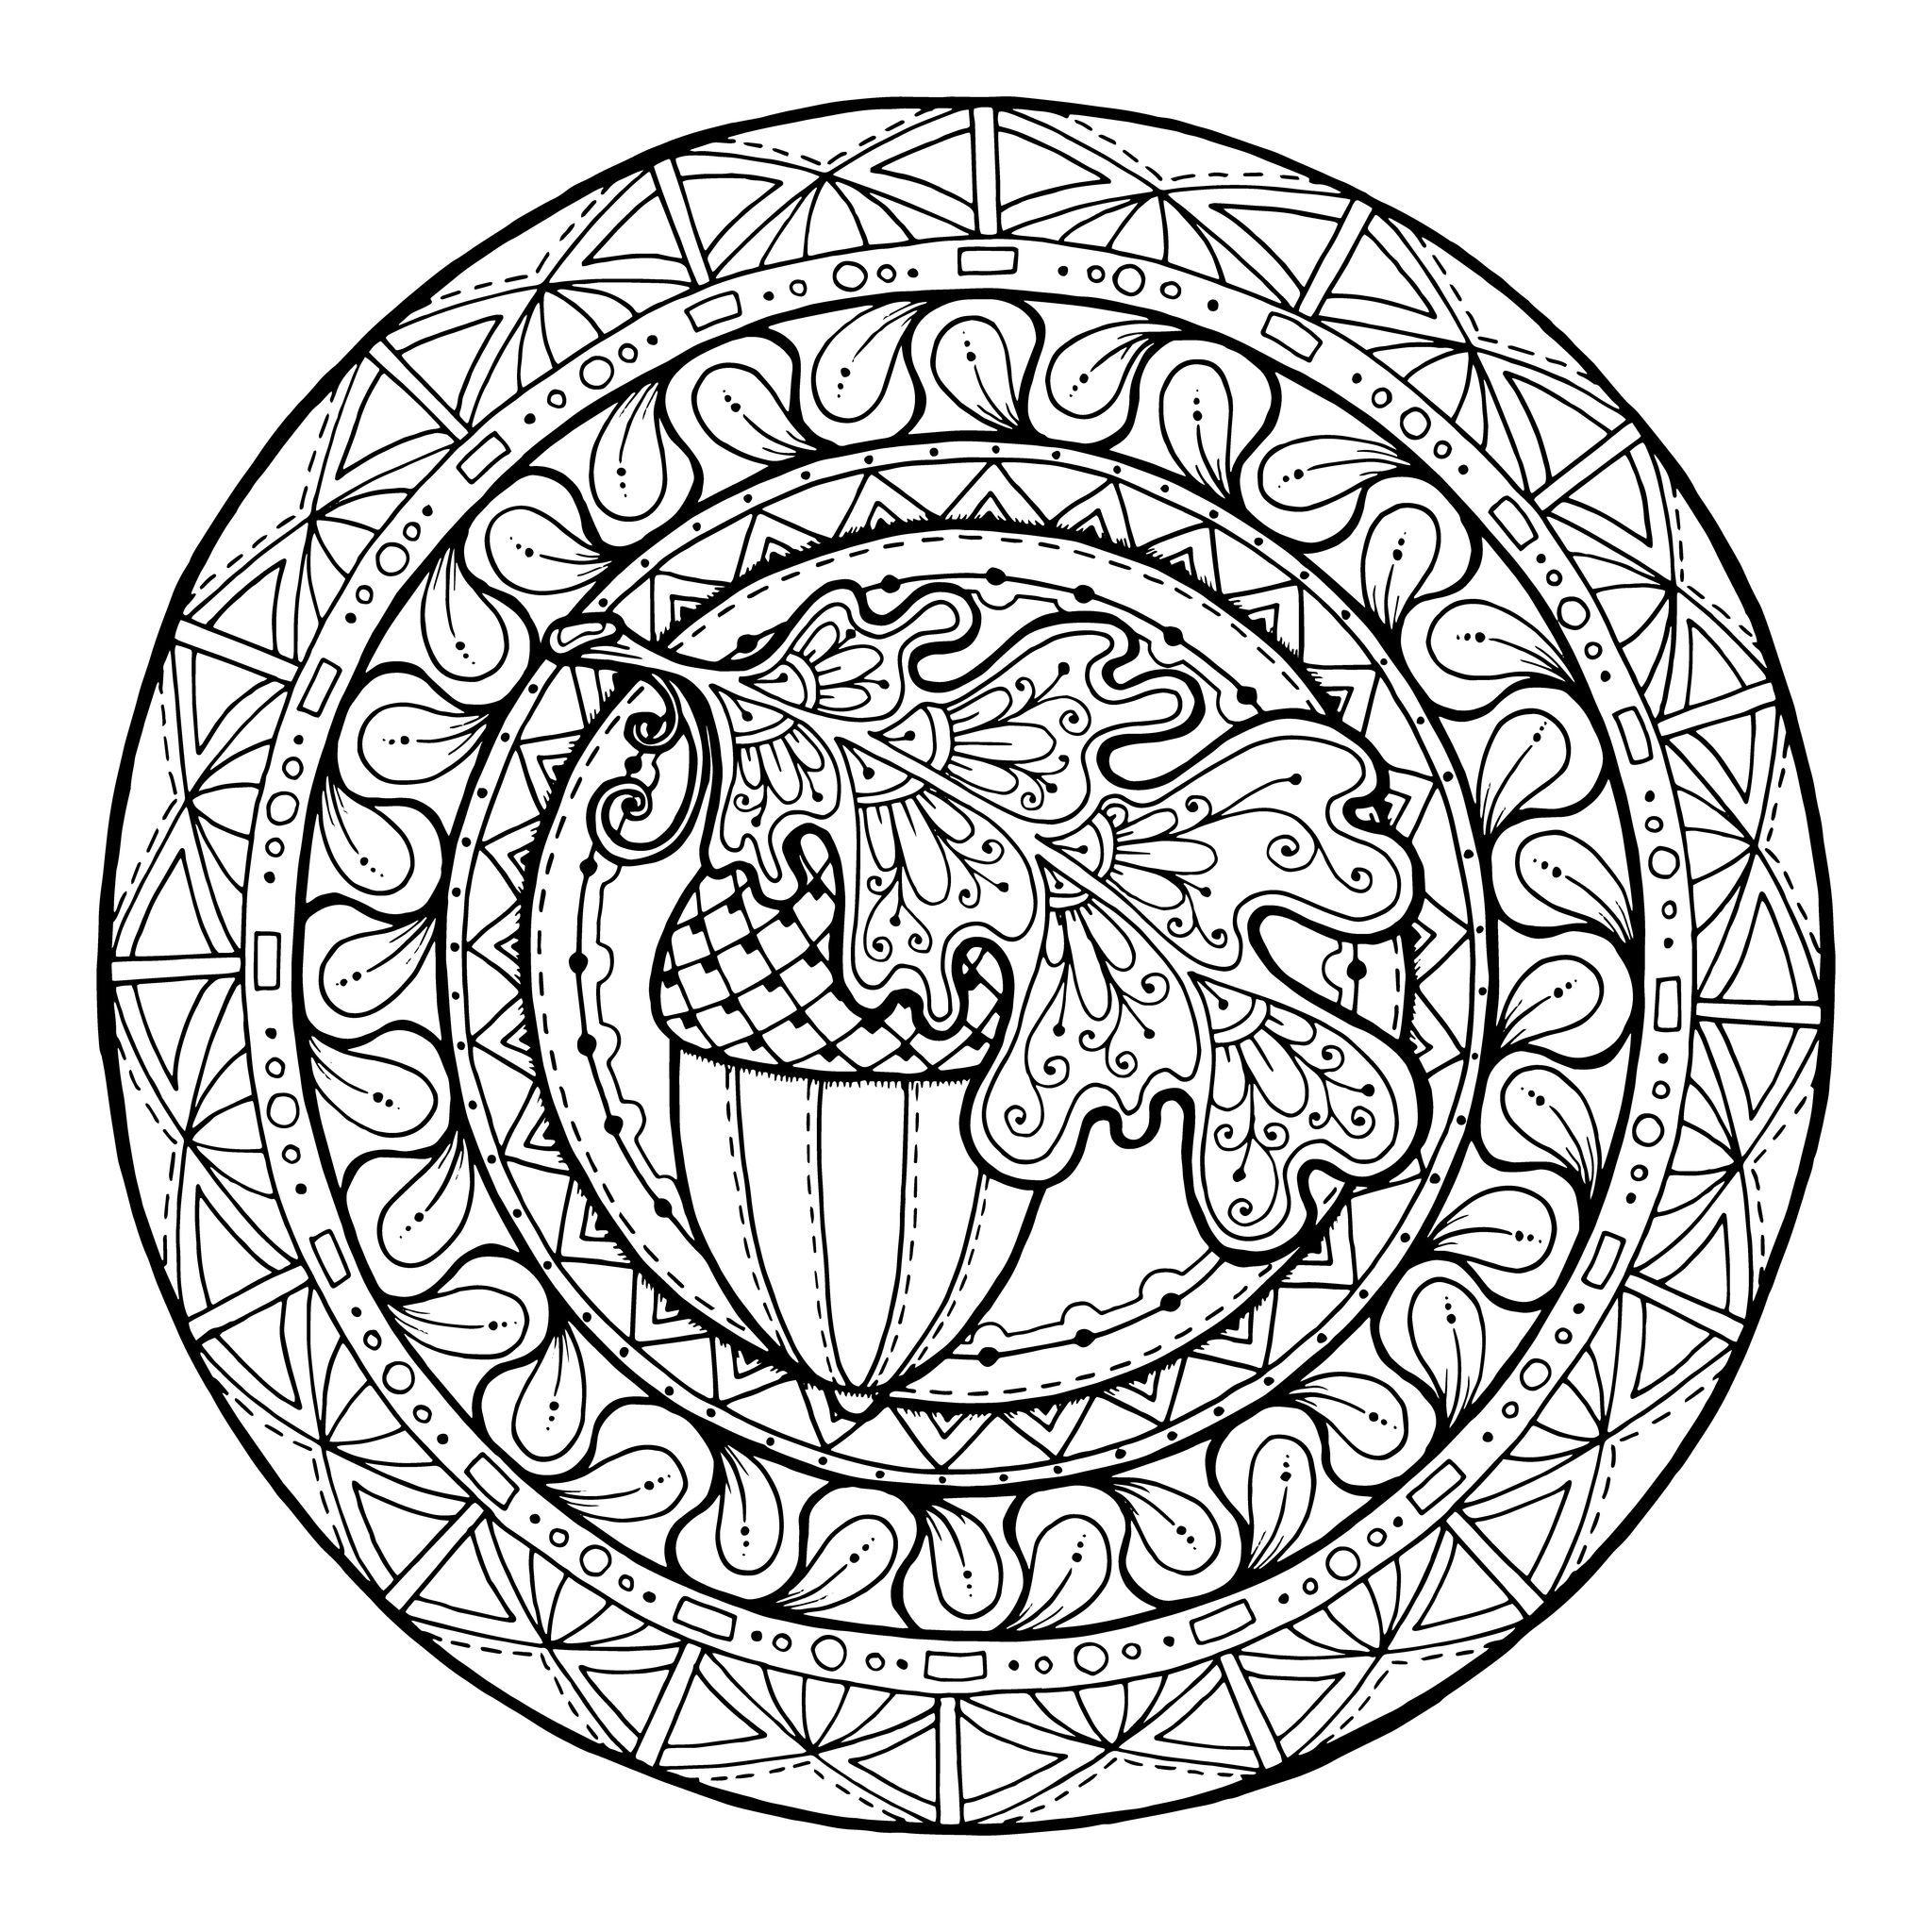 Élégant Dessin A Colorier Mandala Automne